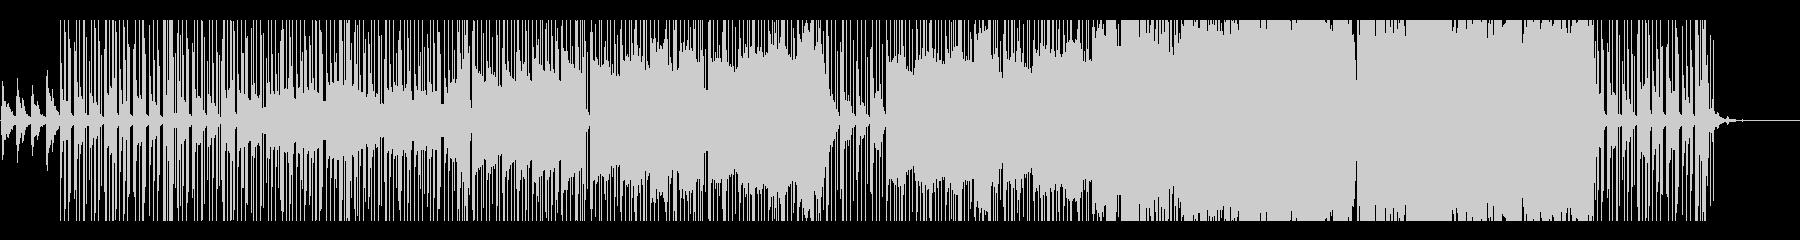 エモく切ない、静かなるHioHopの未再生の波形